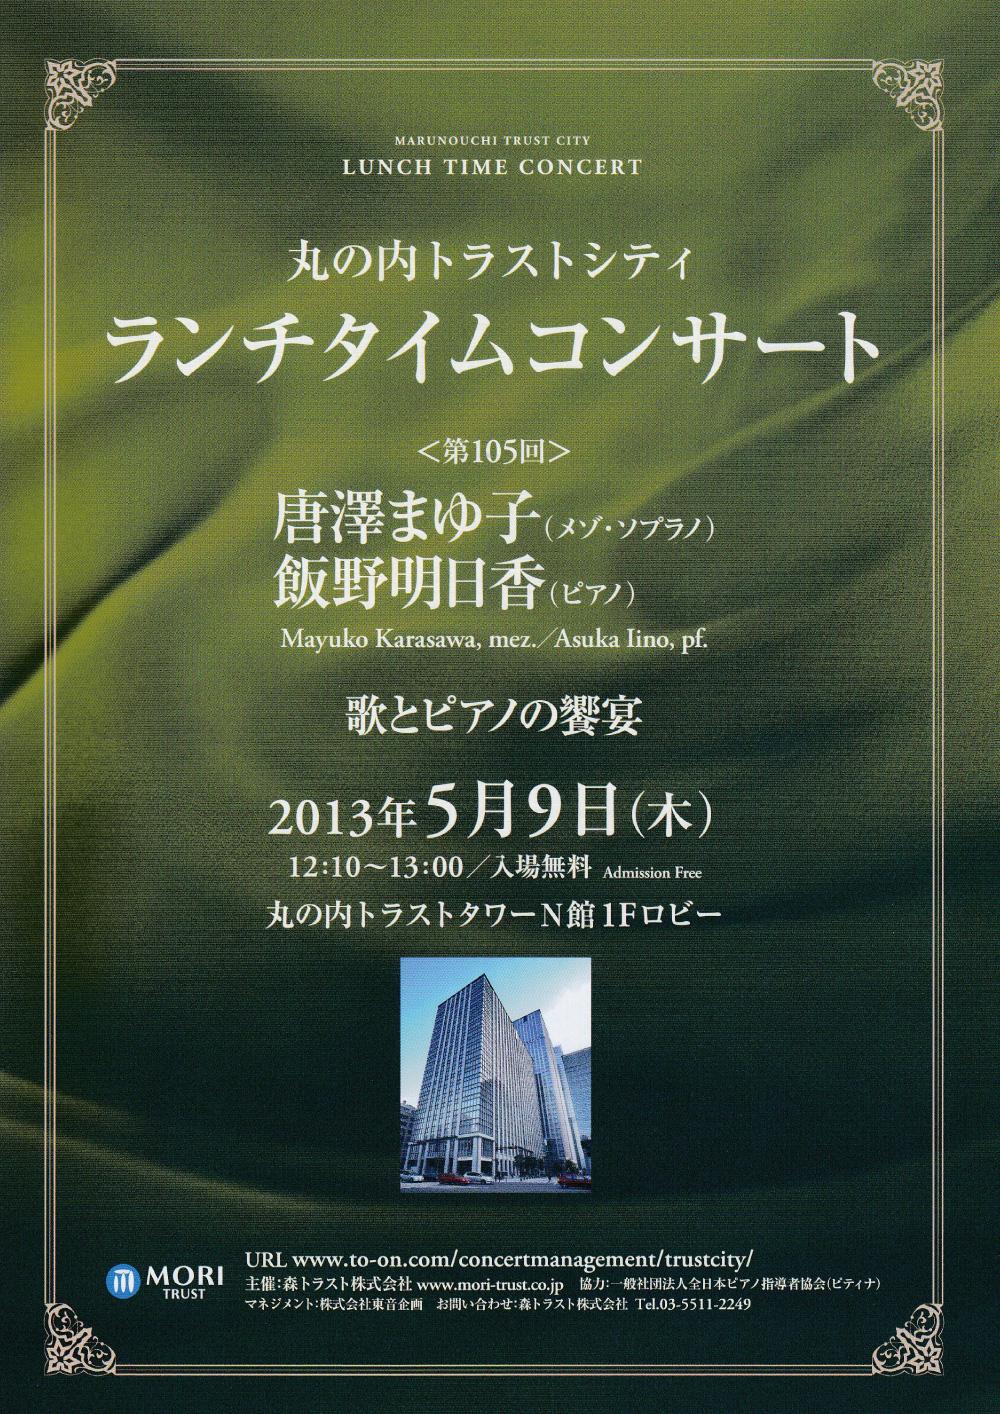 ランチタイムコンサート「マリー・アントワネットの世界」